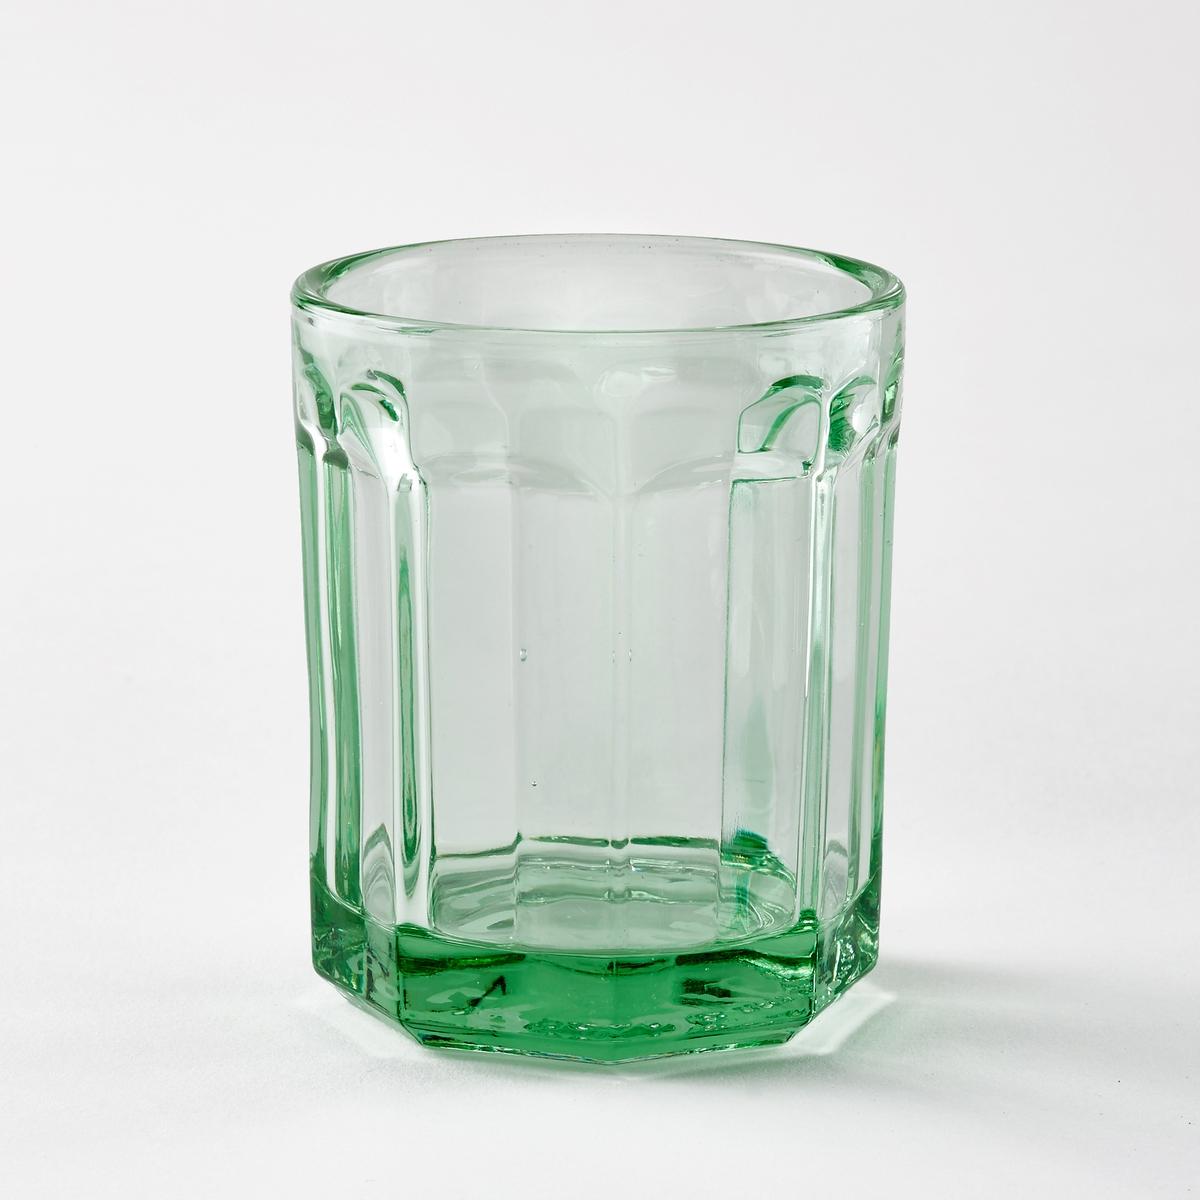 Комплект из 2 бокалов Fish &amp; Fish, дизайн Паолы Навон для Serax<br><br>Цвет: темно-зеленый